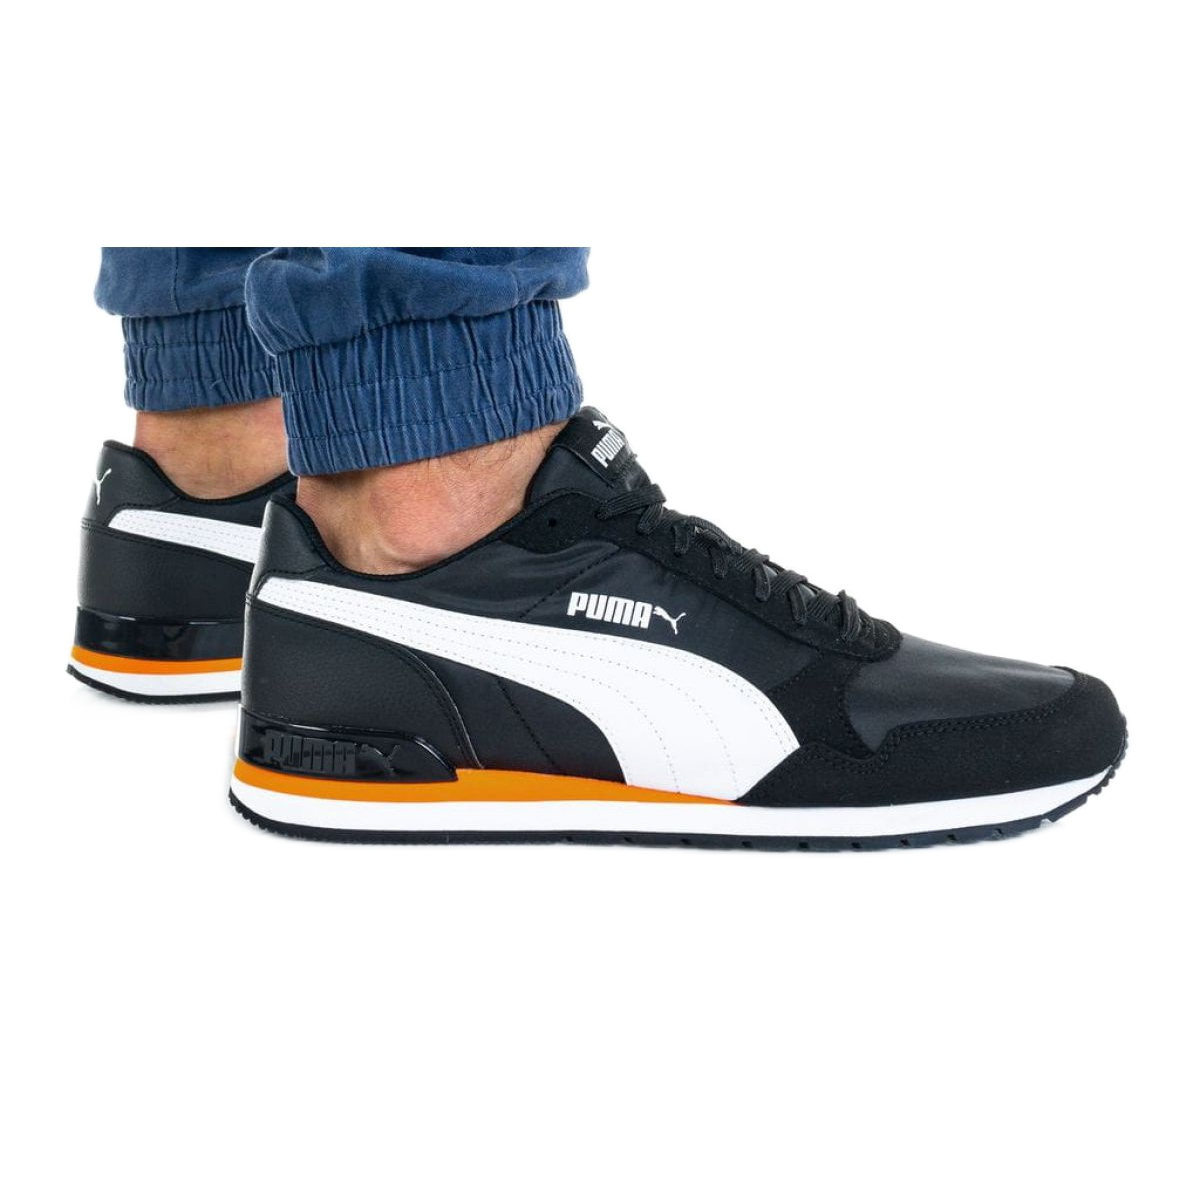 Puma St Runner V2 Nl M 365278 33 shoes